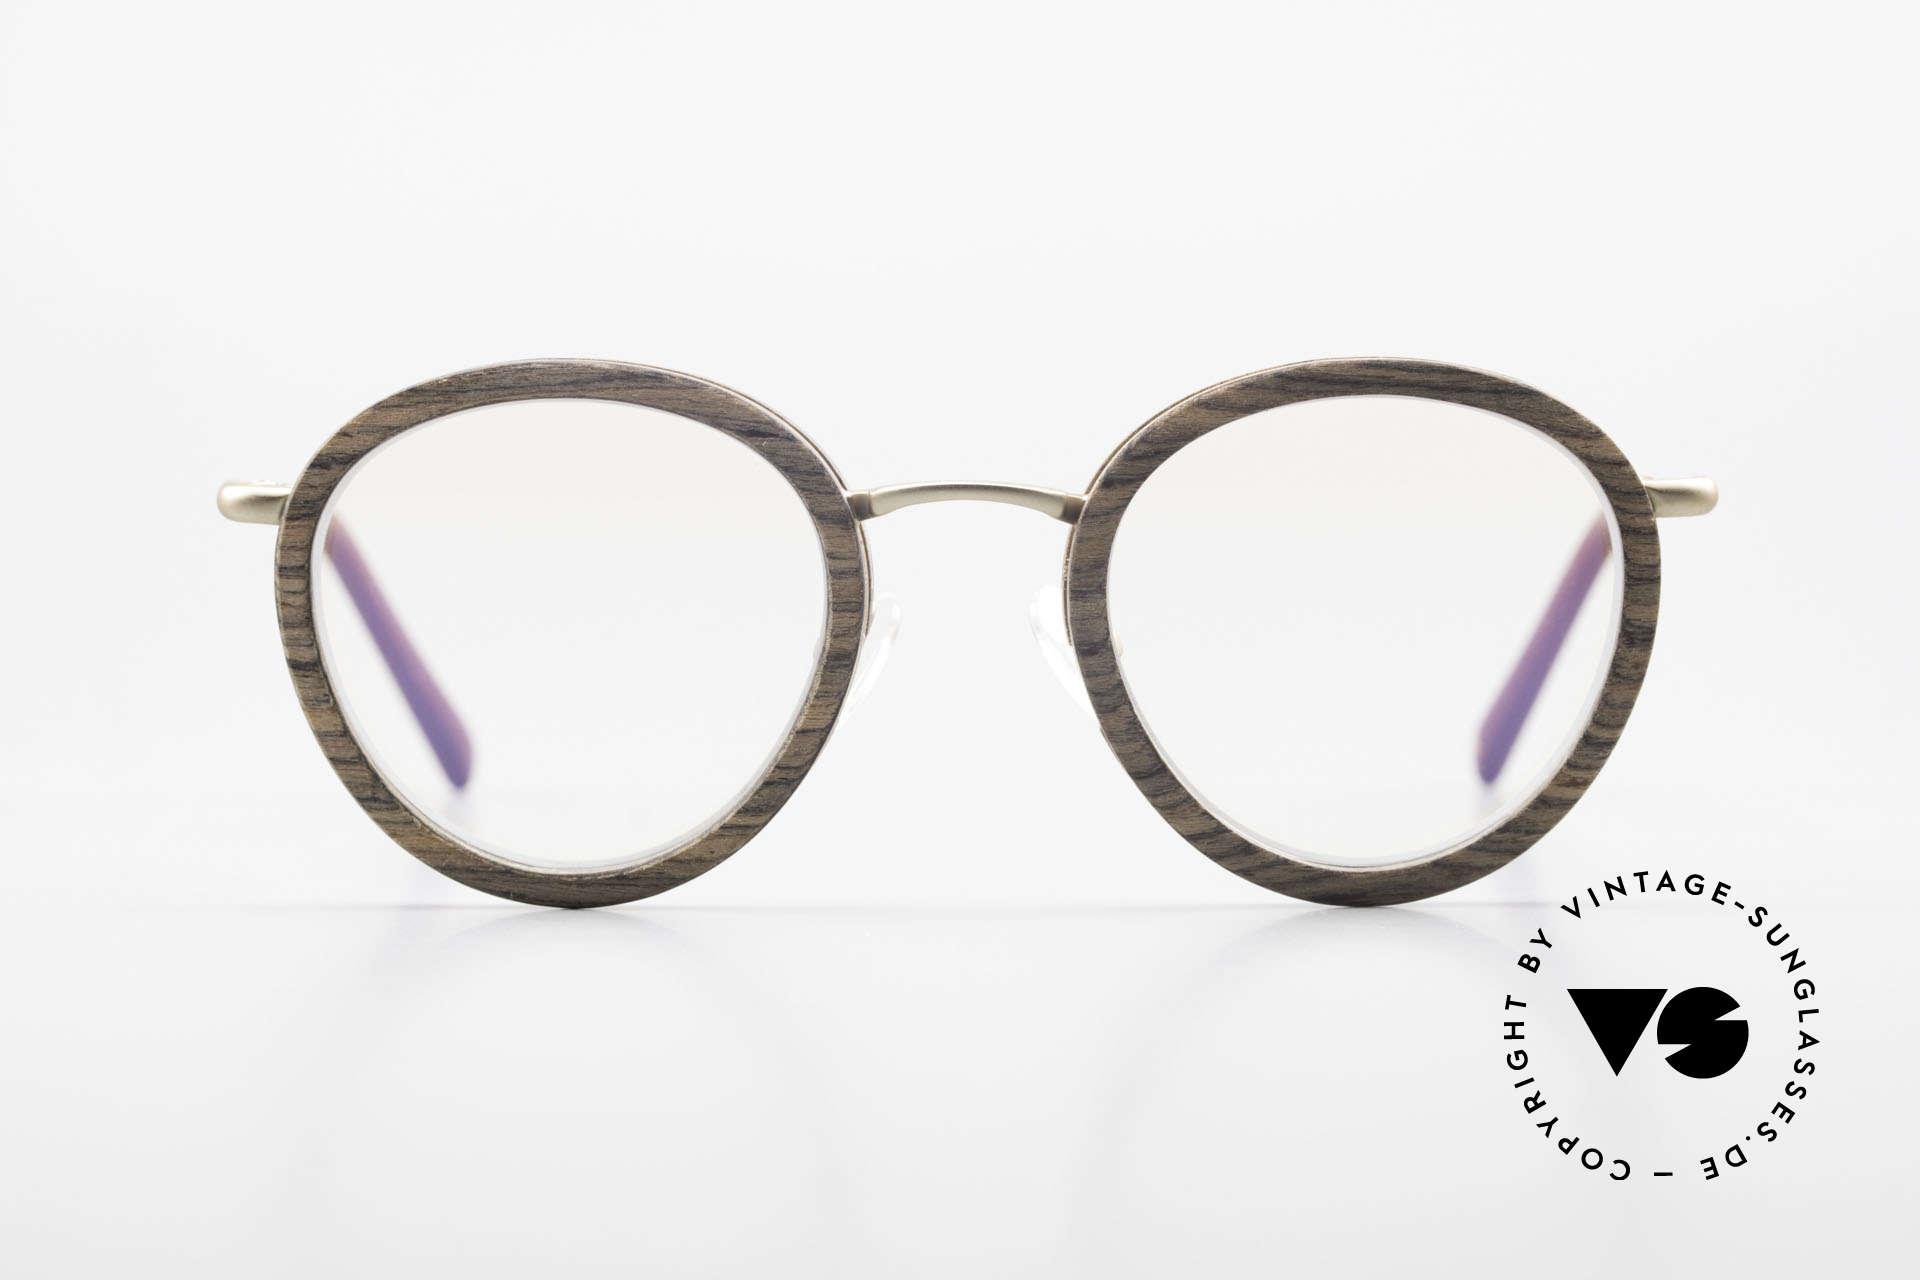 Kerbholz Otto Runde Panto Holzbrille Teak, aus Teakholz = wertvolles Haus des asiatischen Raums, Passend für Herren und Damen